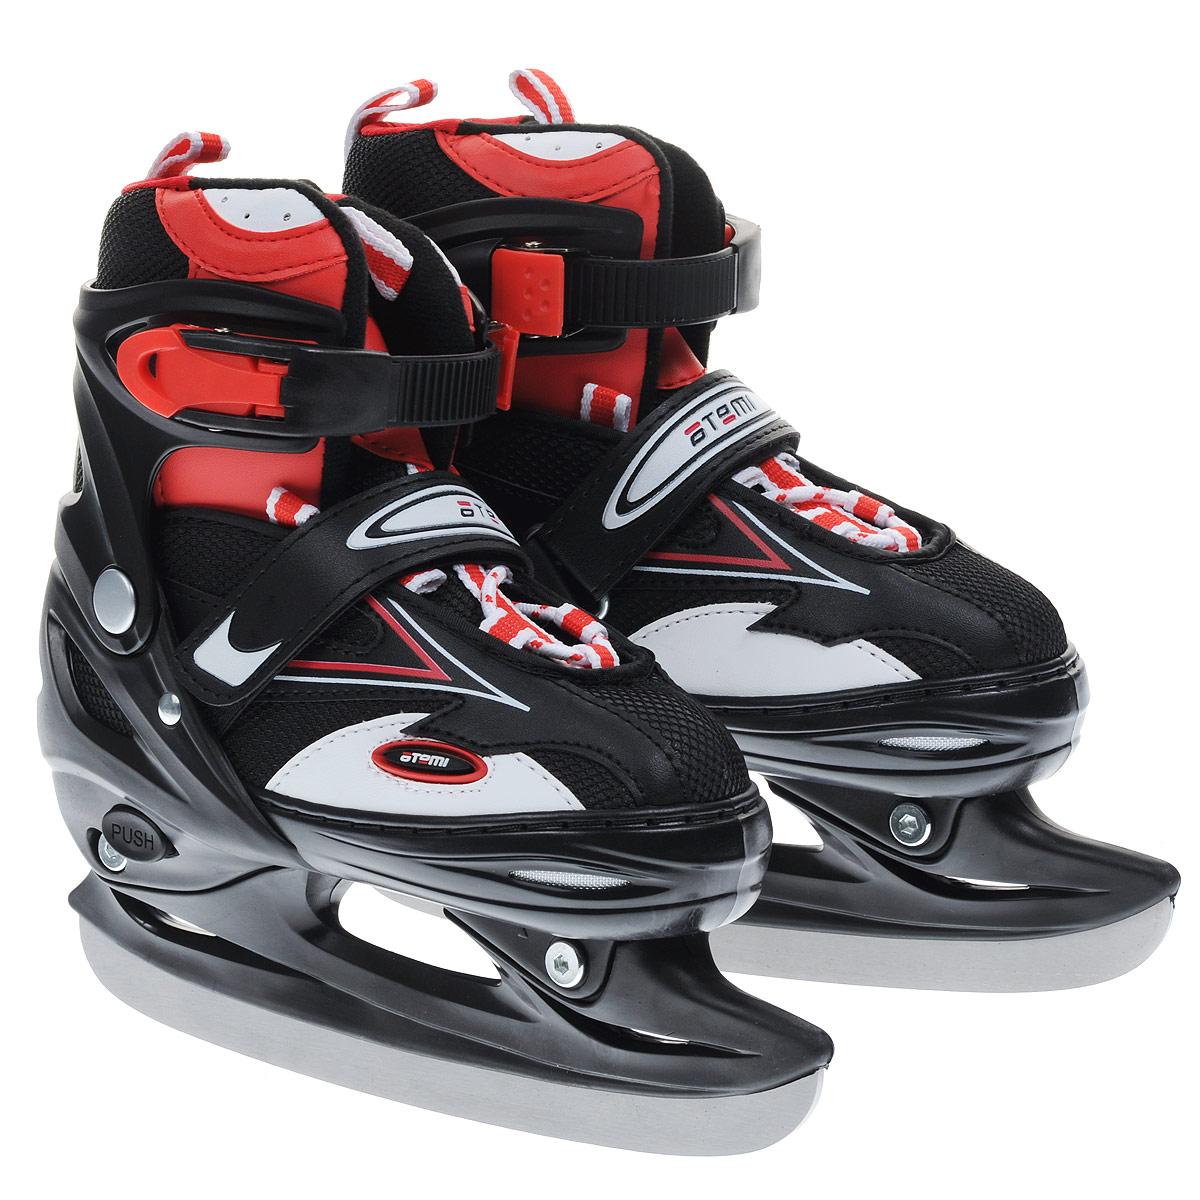 Коньки-трансформеры раздвижные Atemi Cross, хоккейные/роликовые, цвет: черный, красный, белый. Размер 34/37 - Коньки